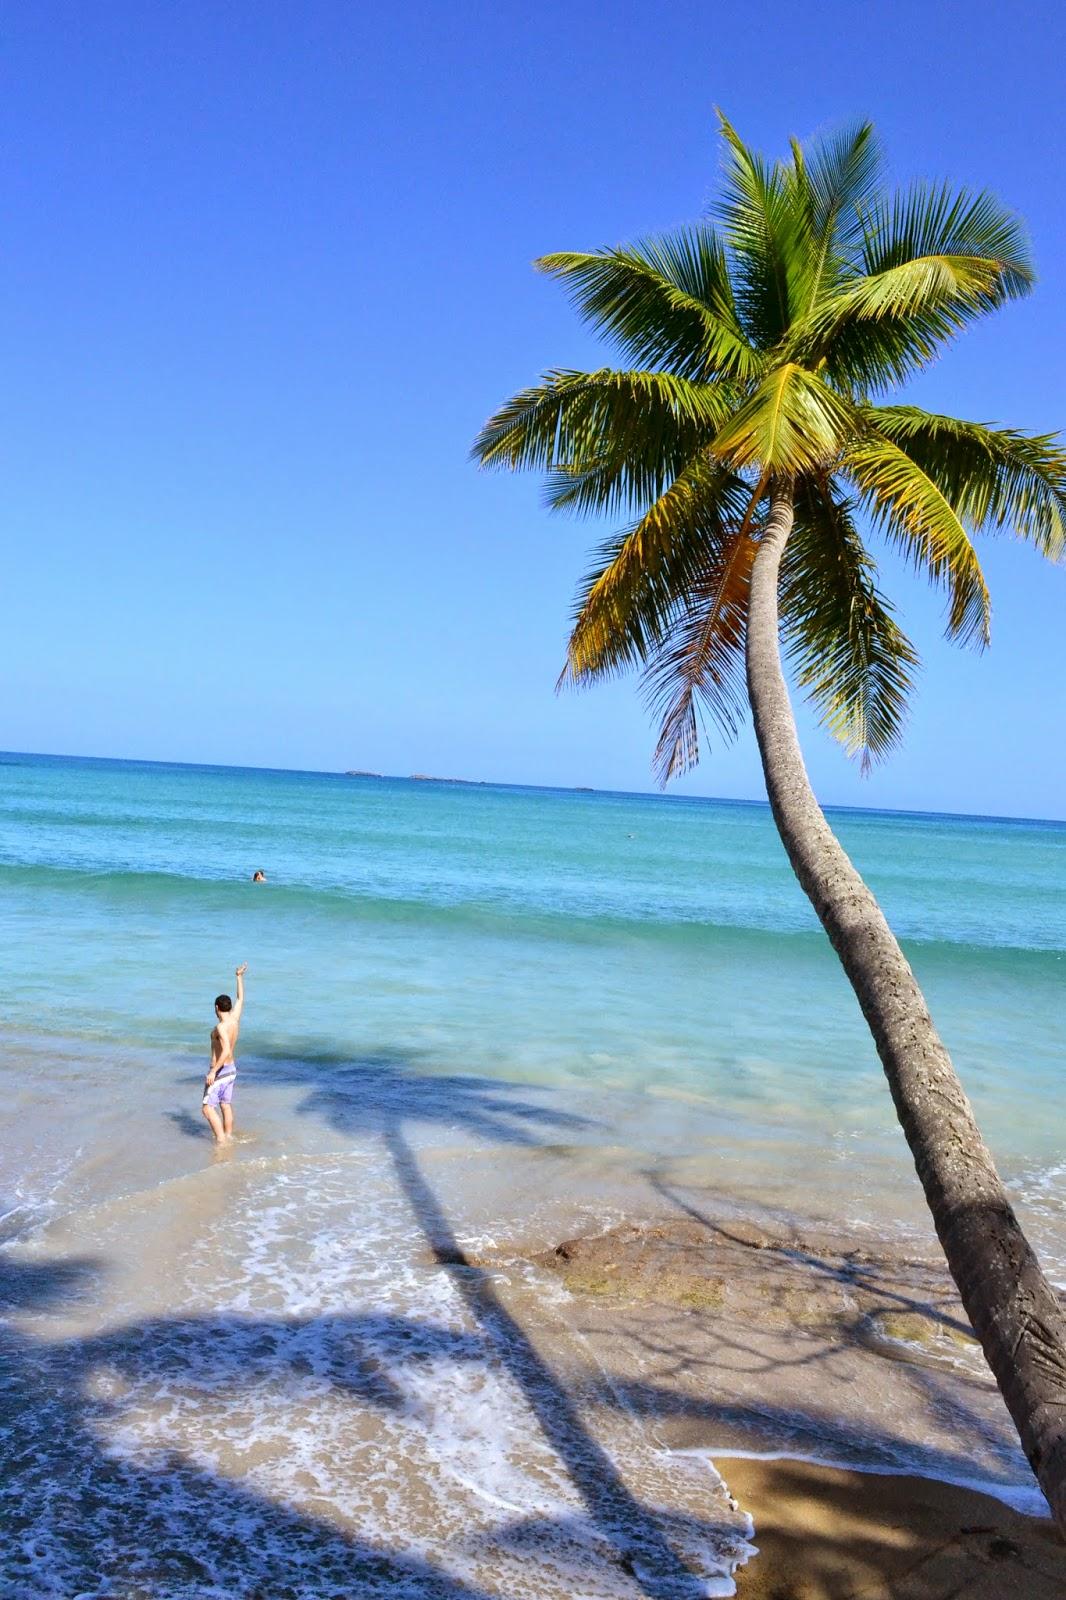 hotel bahía las ballenas, playa bonita, samana, republica dominicana, blog de viajes